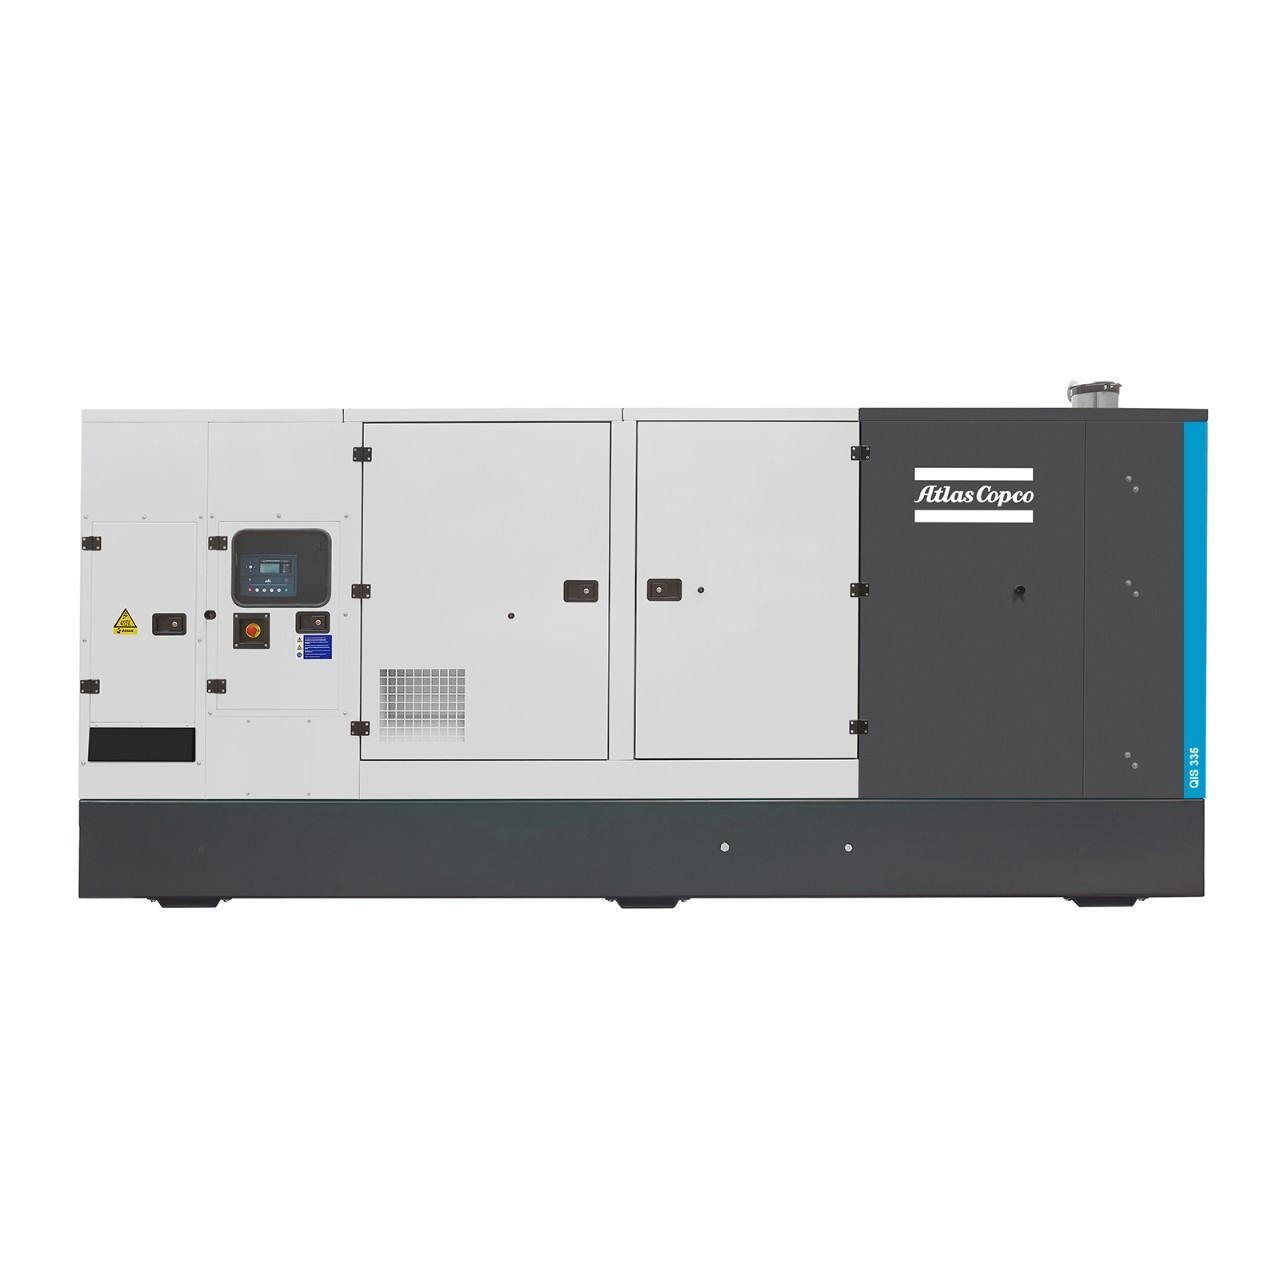 Дизельный генератор Atlas Copco QIS 335 с АВР